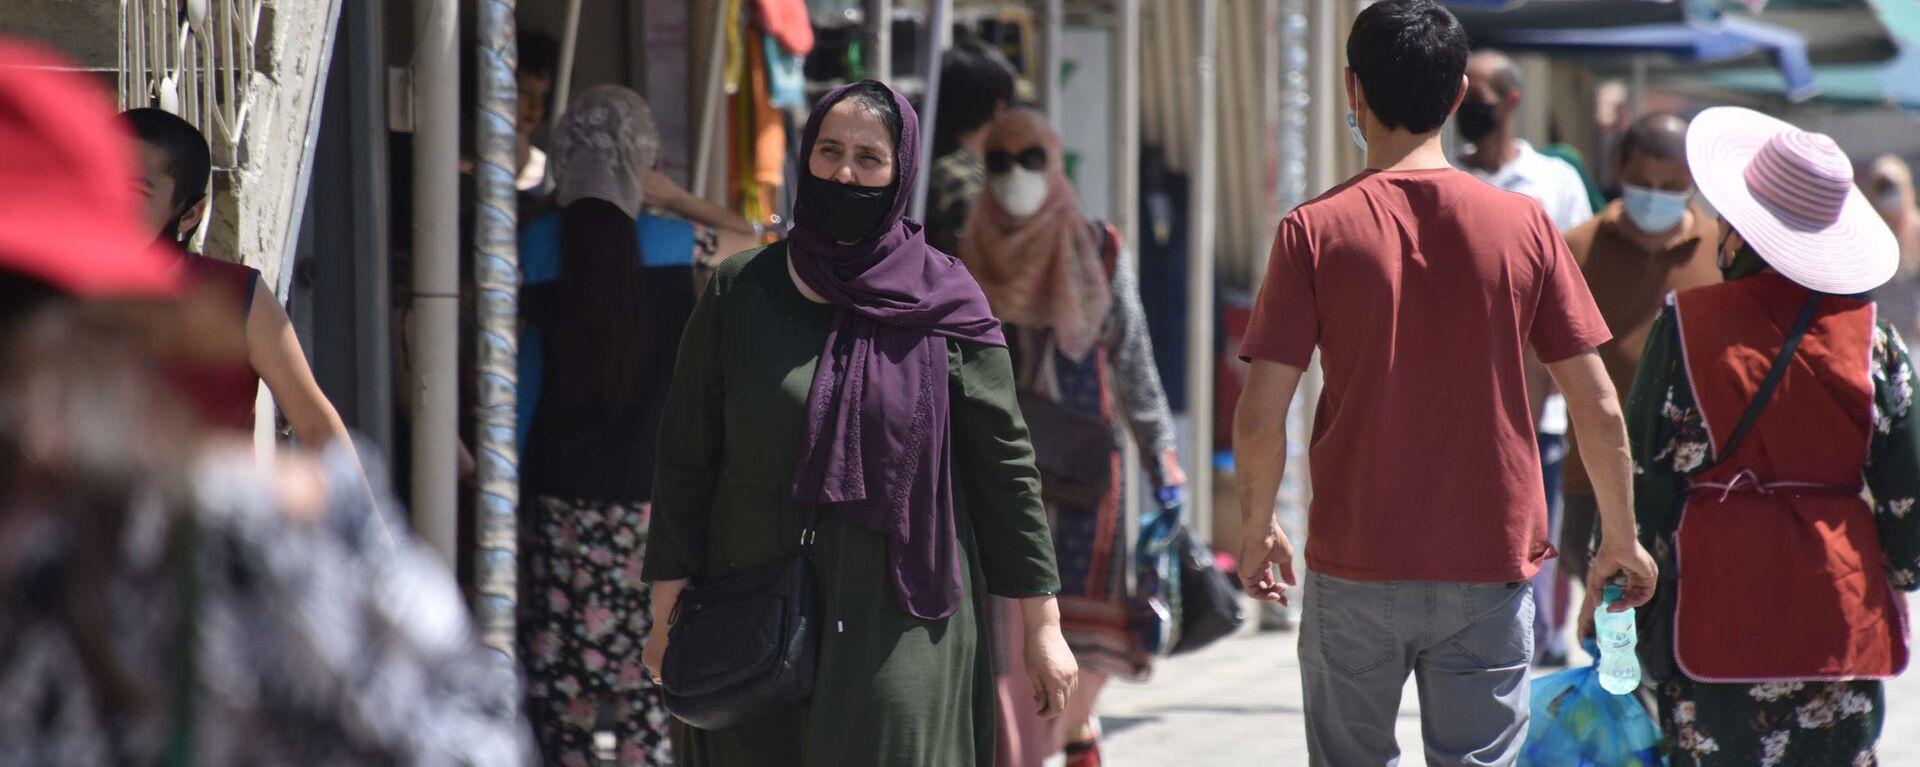 Люди в защитных масках на улице Душанбе  - Sputnik Таджикистан, 1920, 13.09.2021